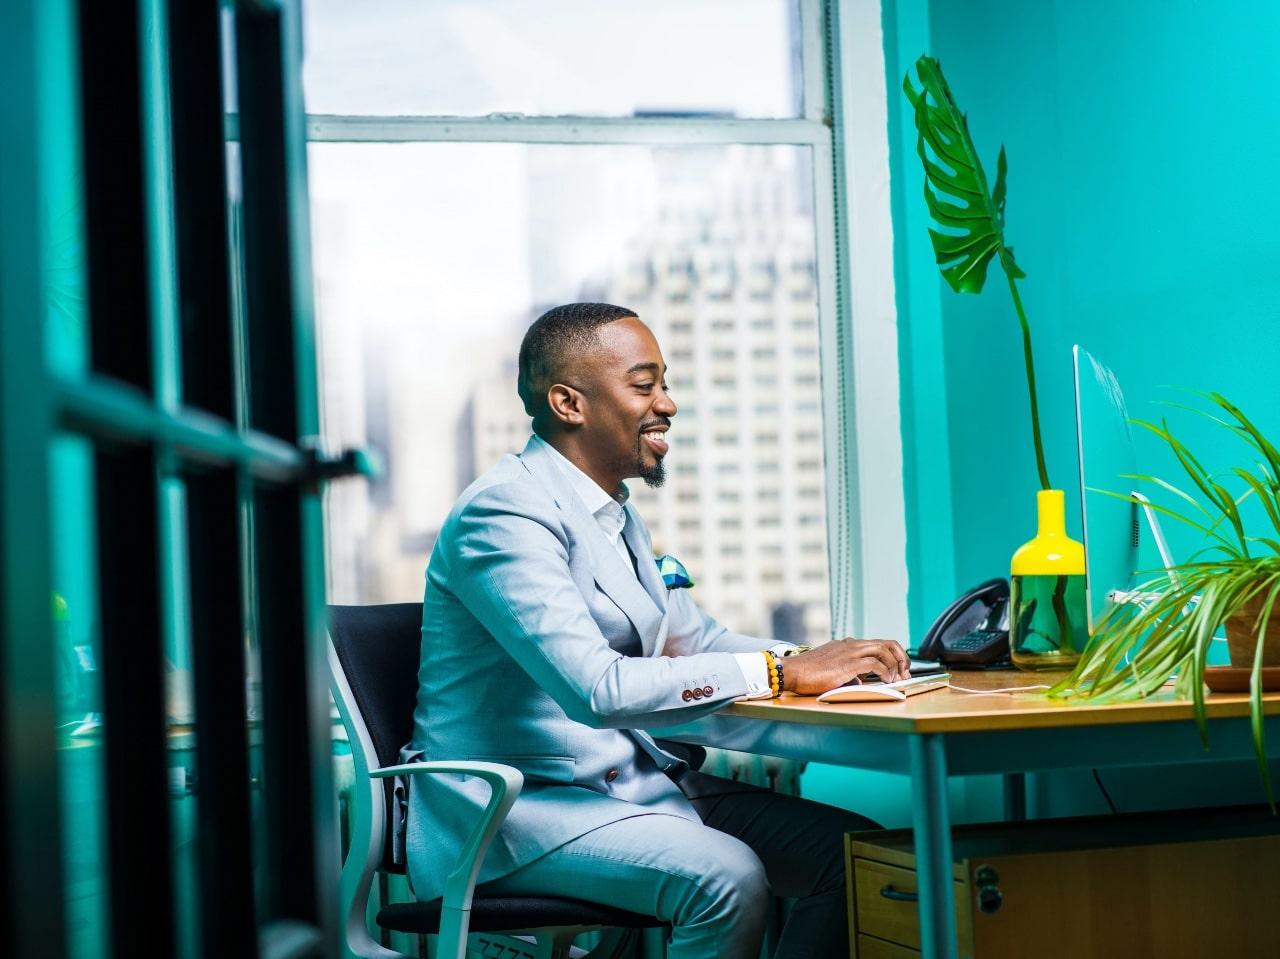 Man sitting by a keyboard working